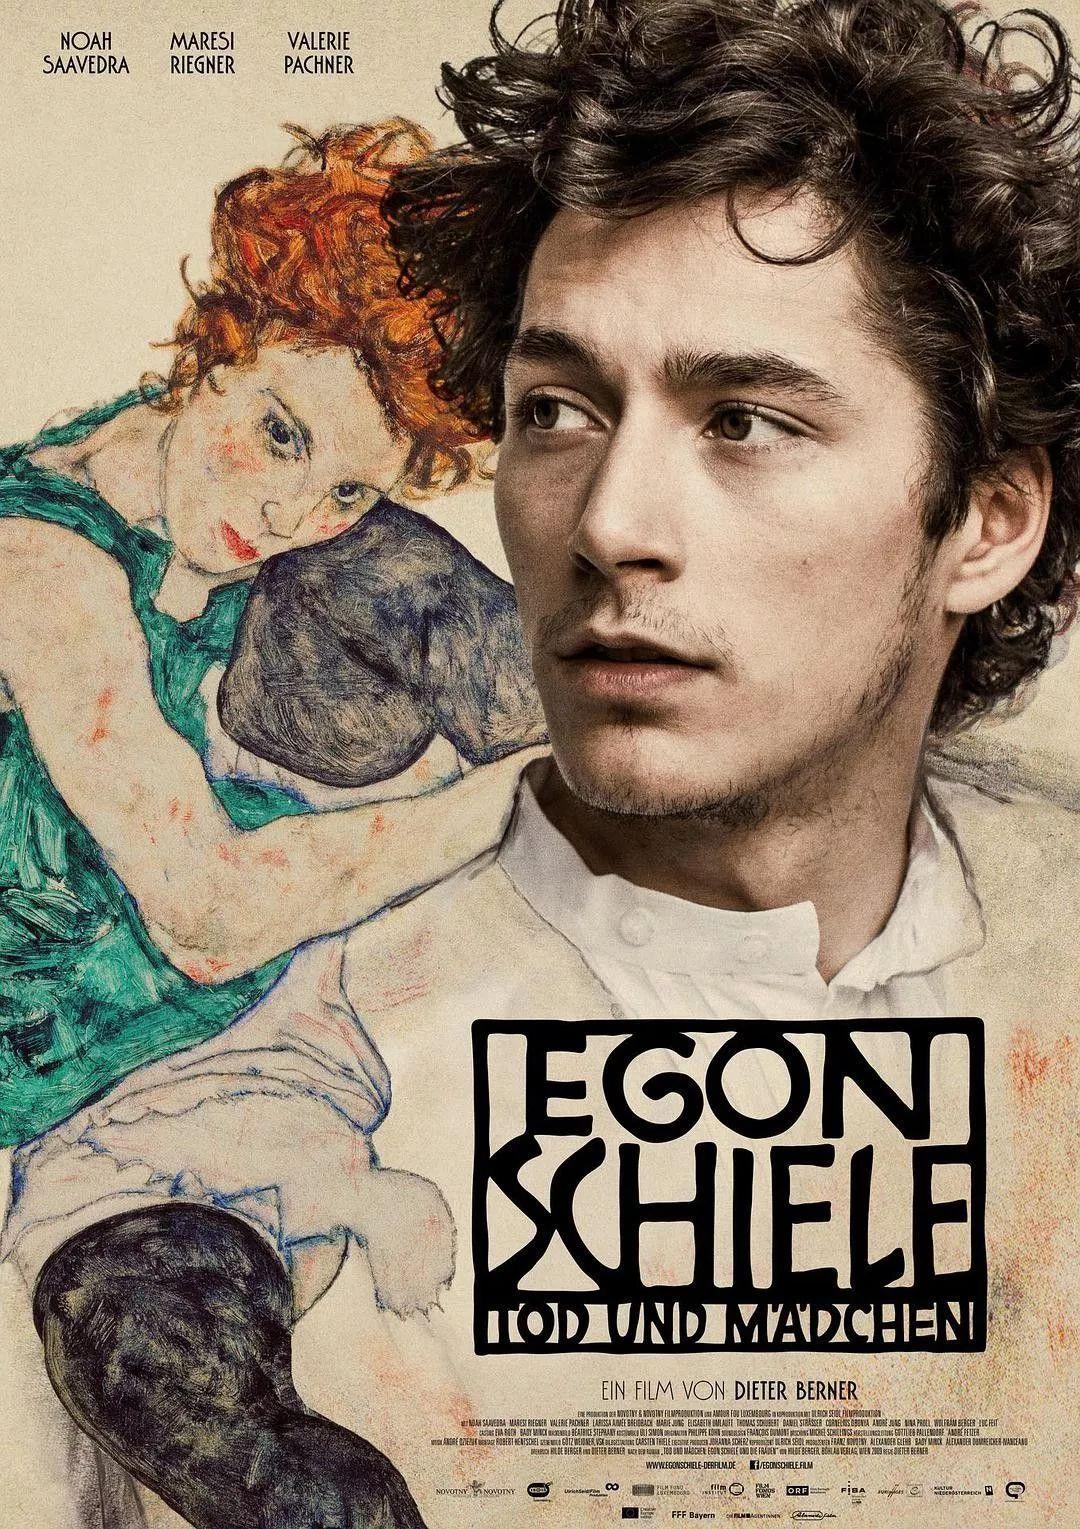 影劇|《席勒:死神與少女 Egon Schiele: Tod und Mädchen》百年來爭議的裸畫 - 奇艾亞 chi & yayun